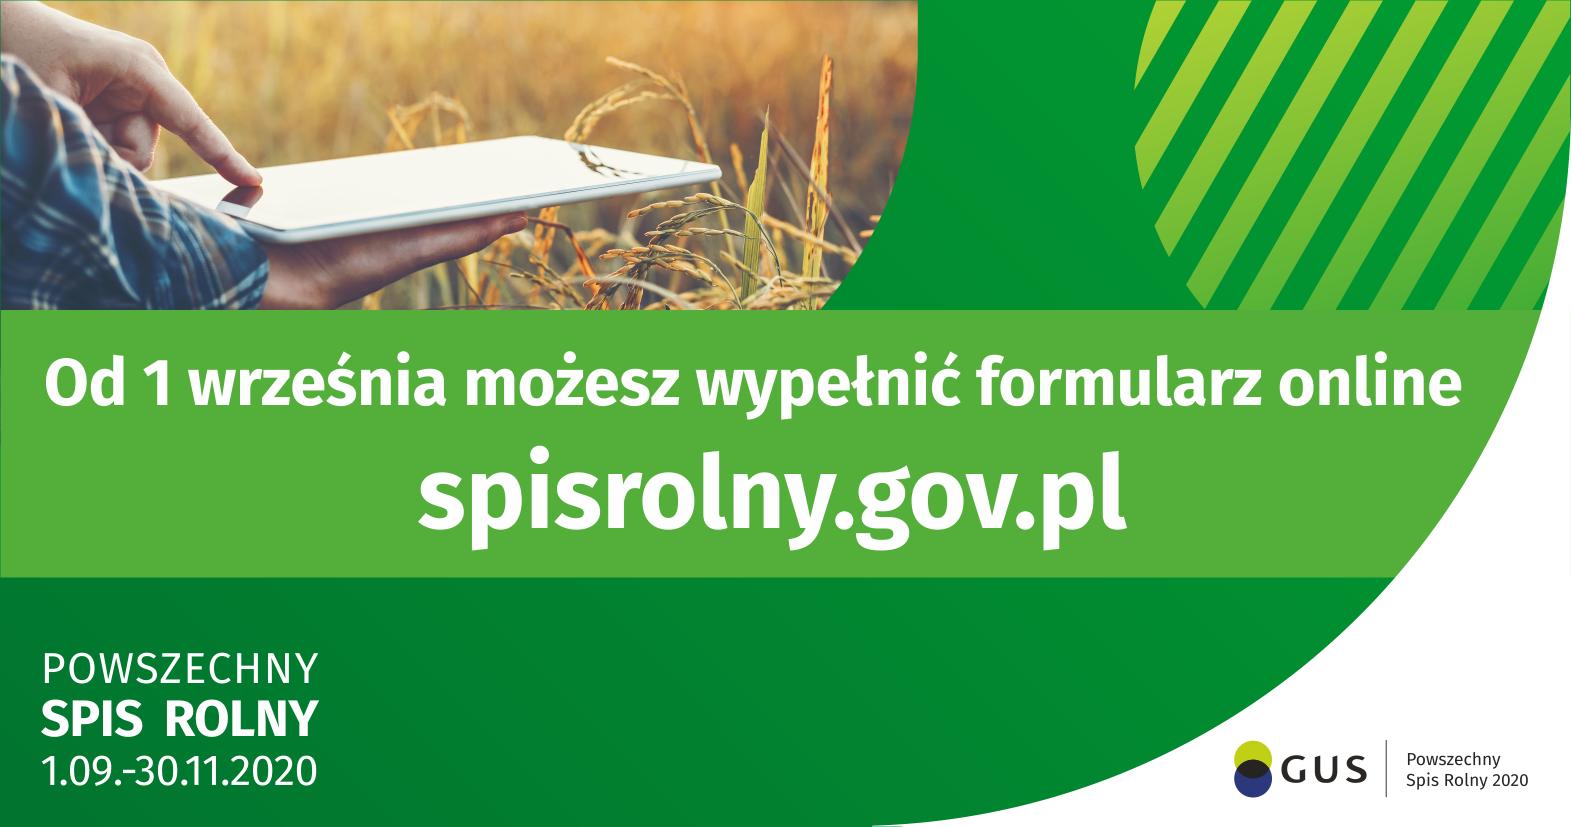 Od 1 września można wypełniać formularze na stronie spisrolny.gov.pl